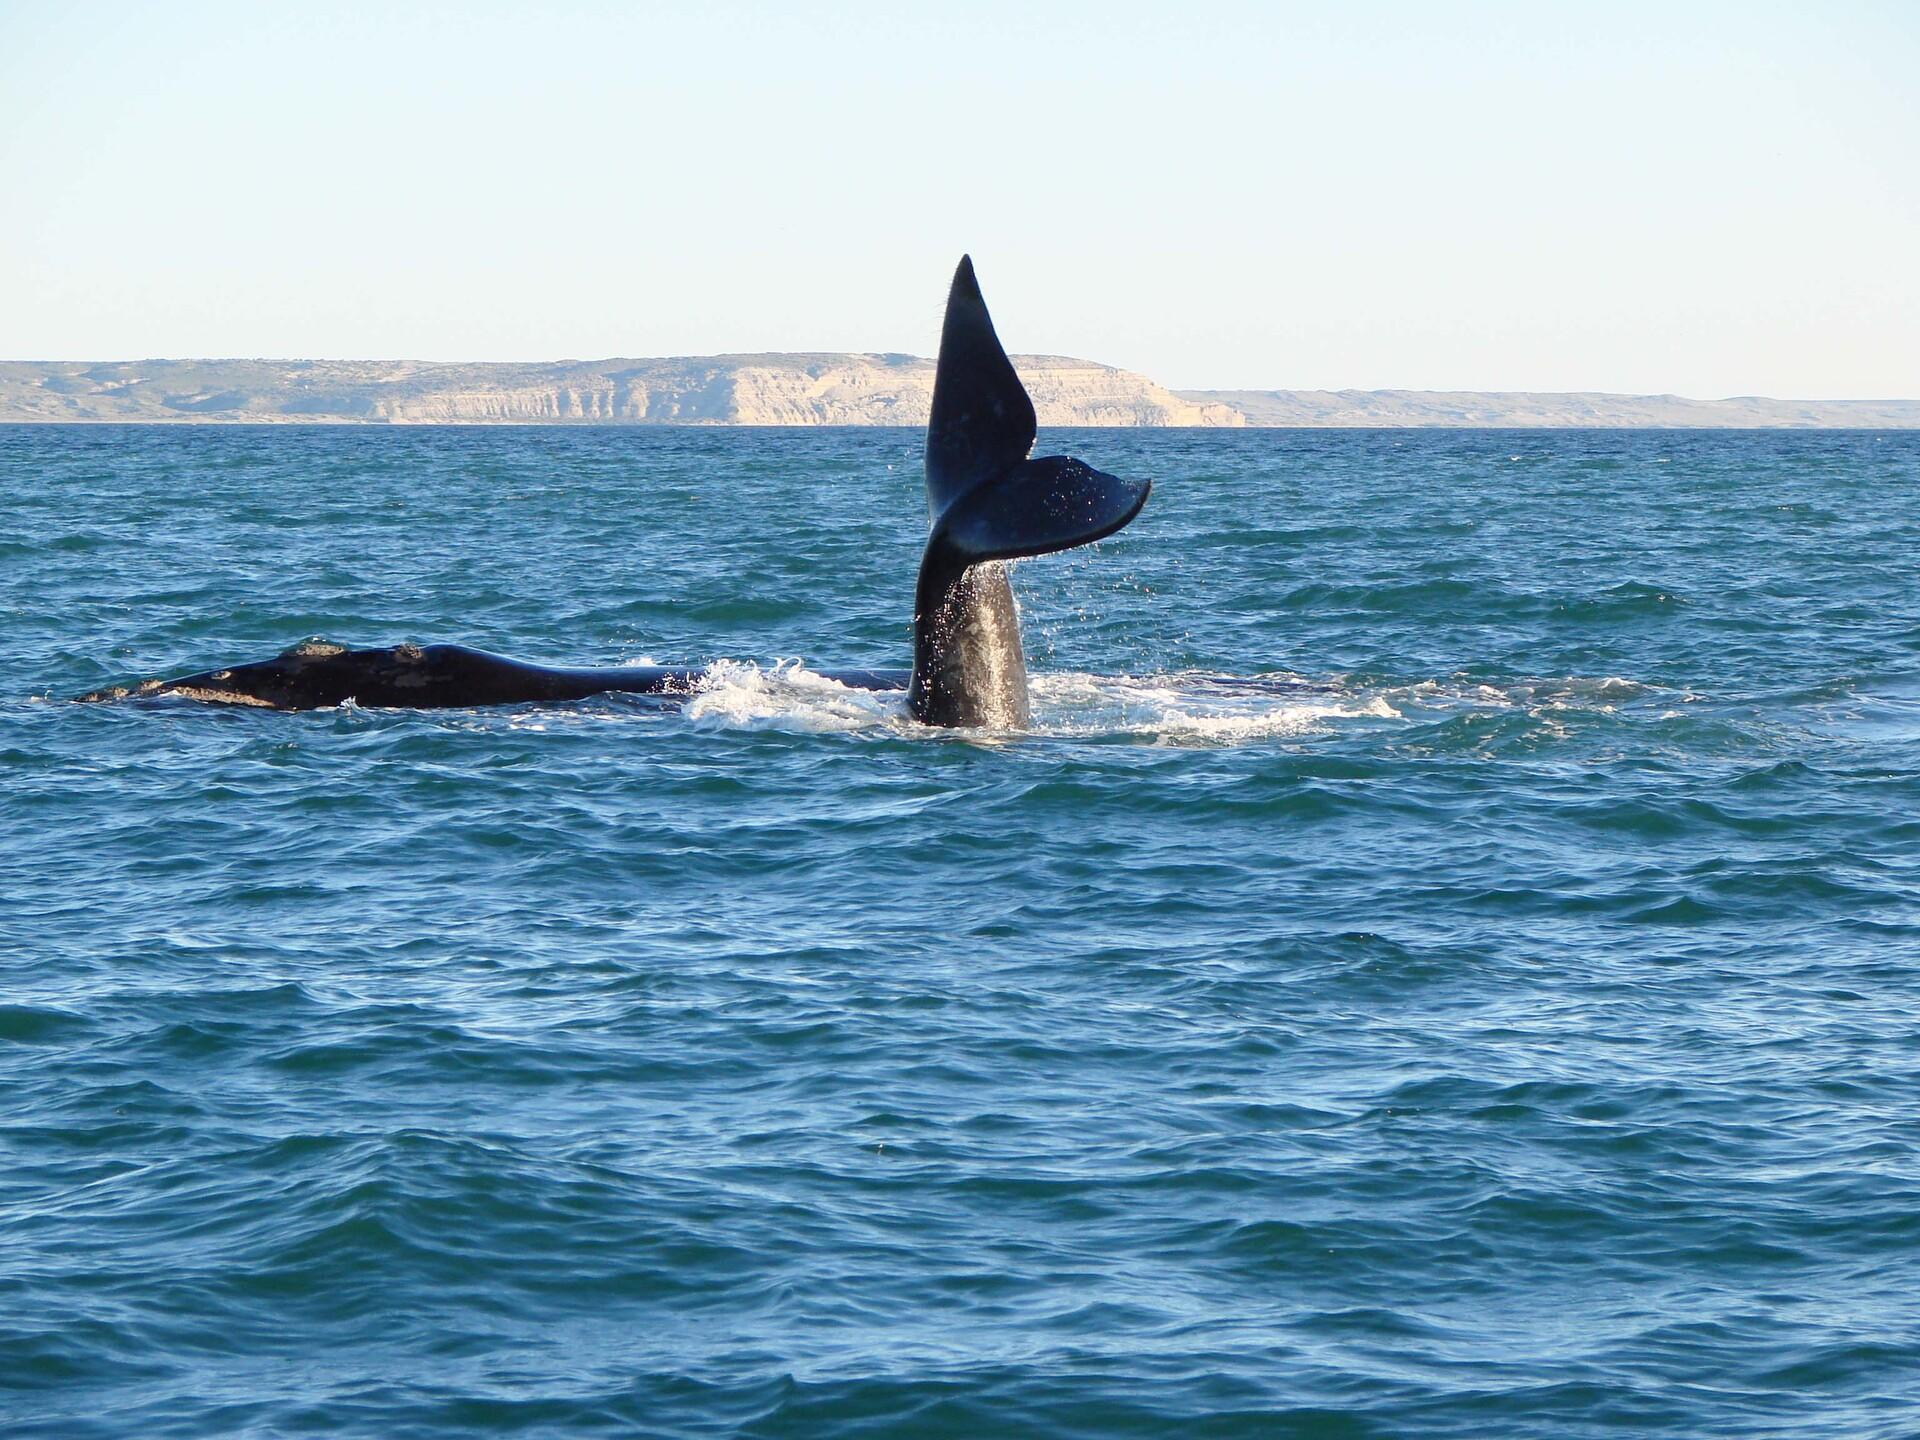 Baleias podem ser avistadas entre junho e dezembro, quando se aproximam da costa